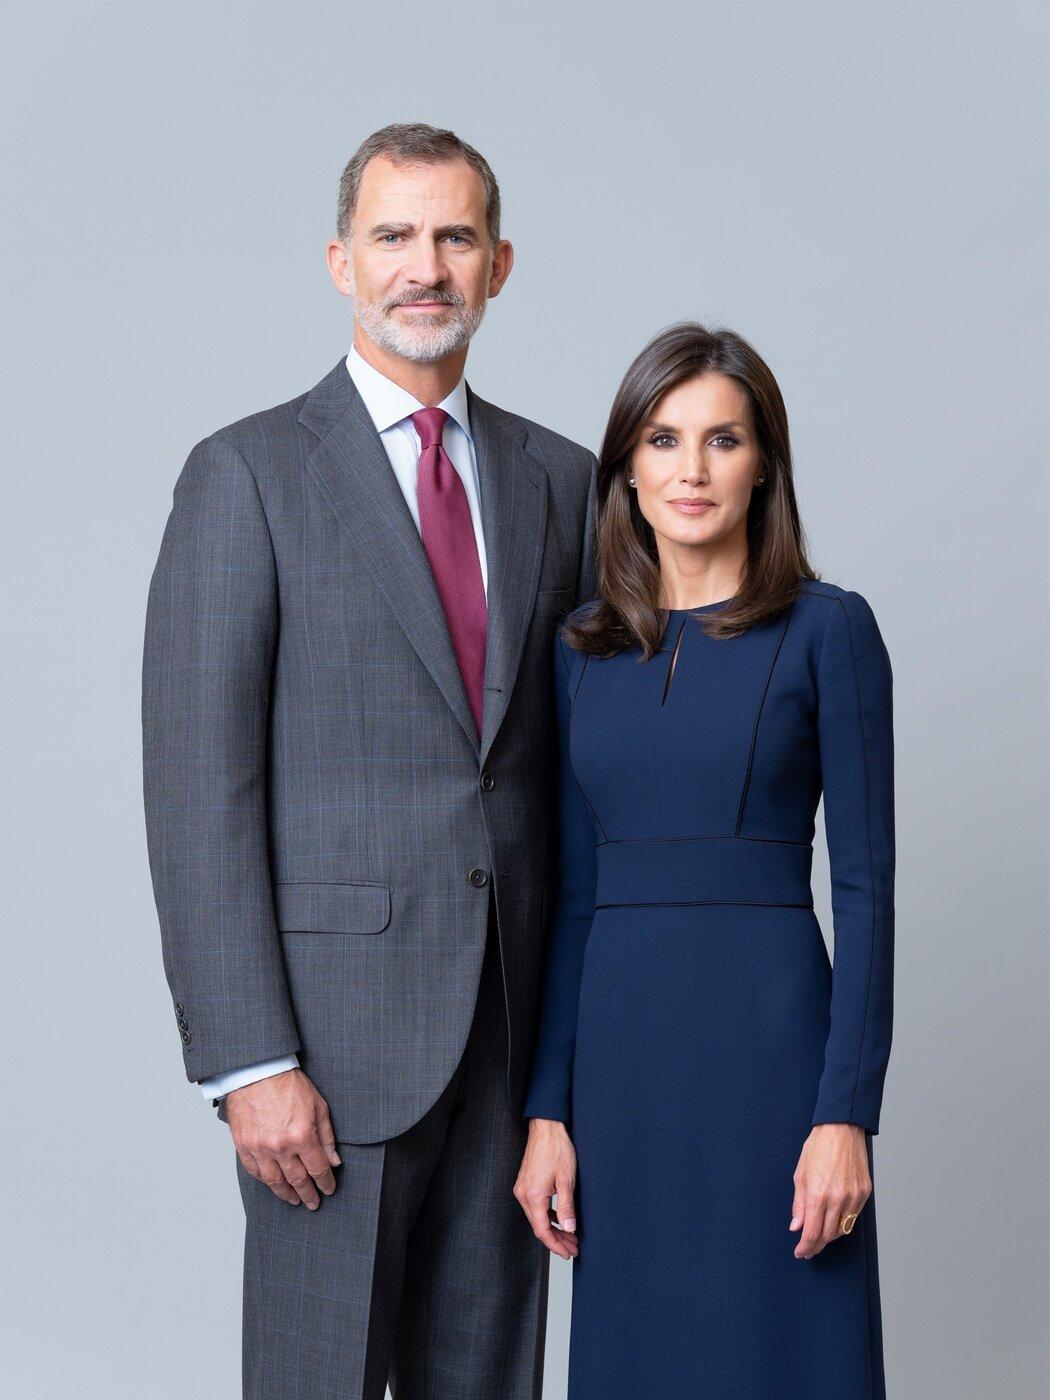 König Felipe und Königin Letizia wirken auch bei öffentlichen Terminen mehr wie Kollegen, als wie ein glückliches Ehepaar.  © Casa de S.M. el Rey, Estela de Castro